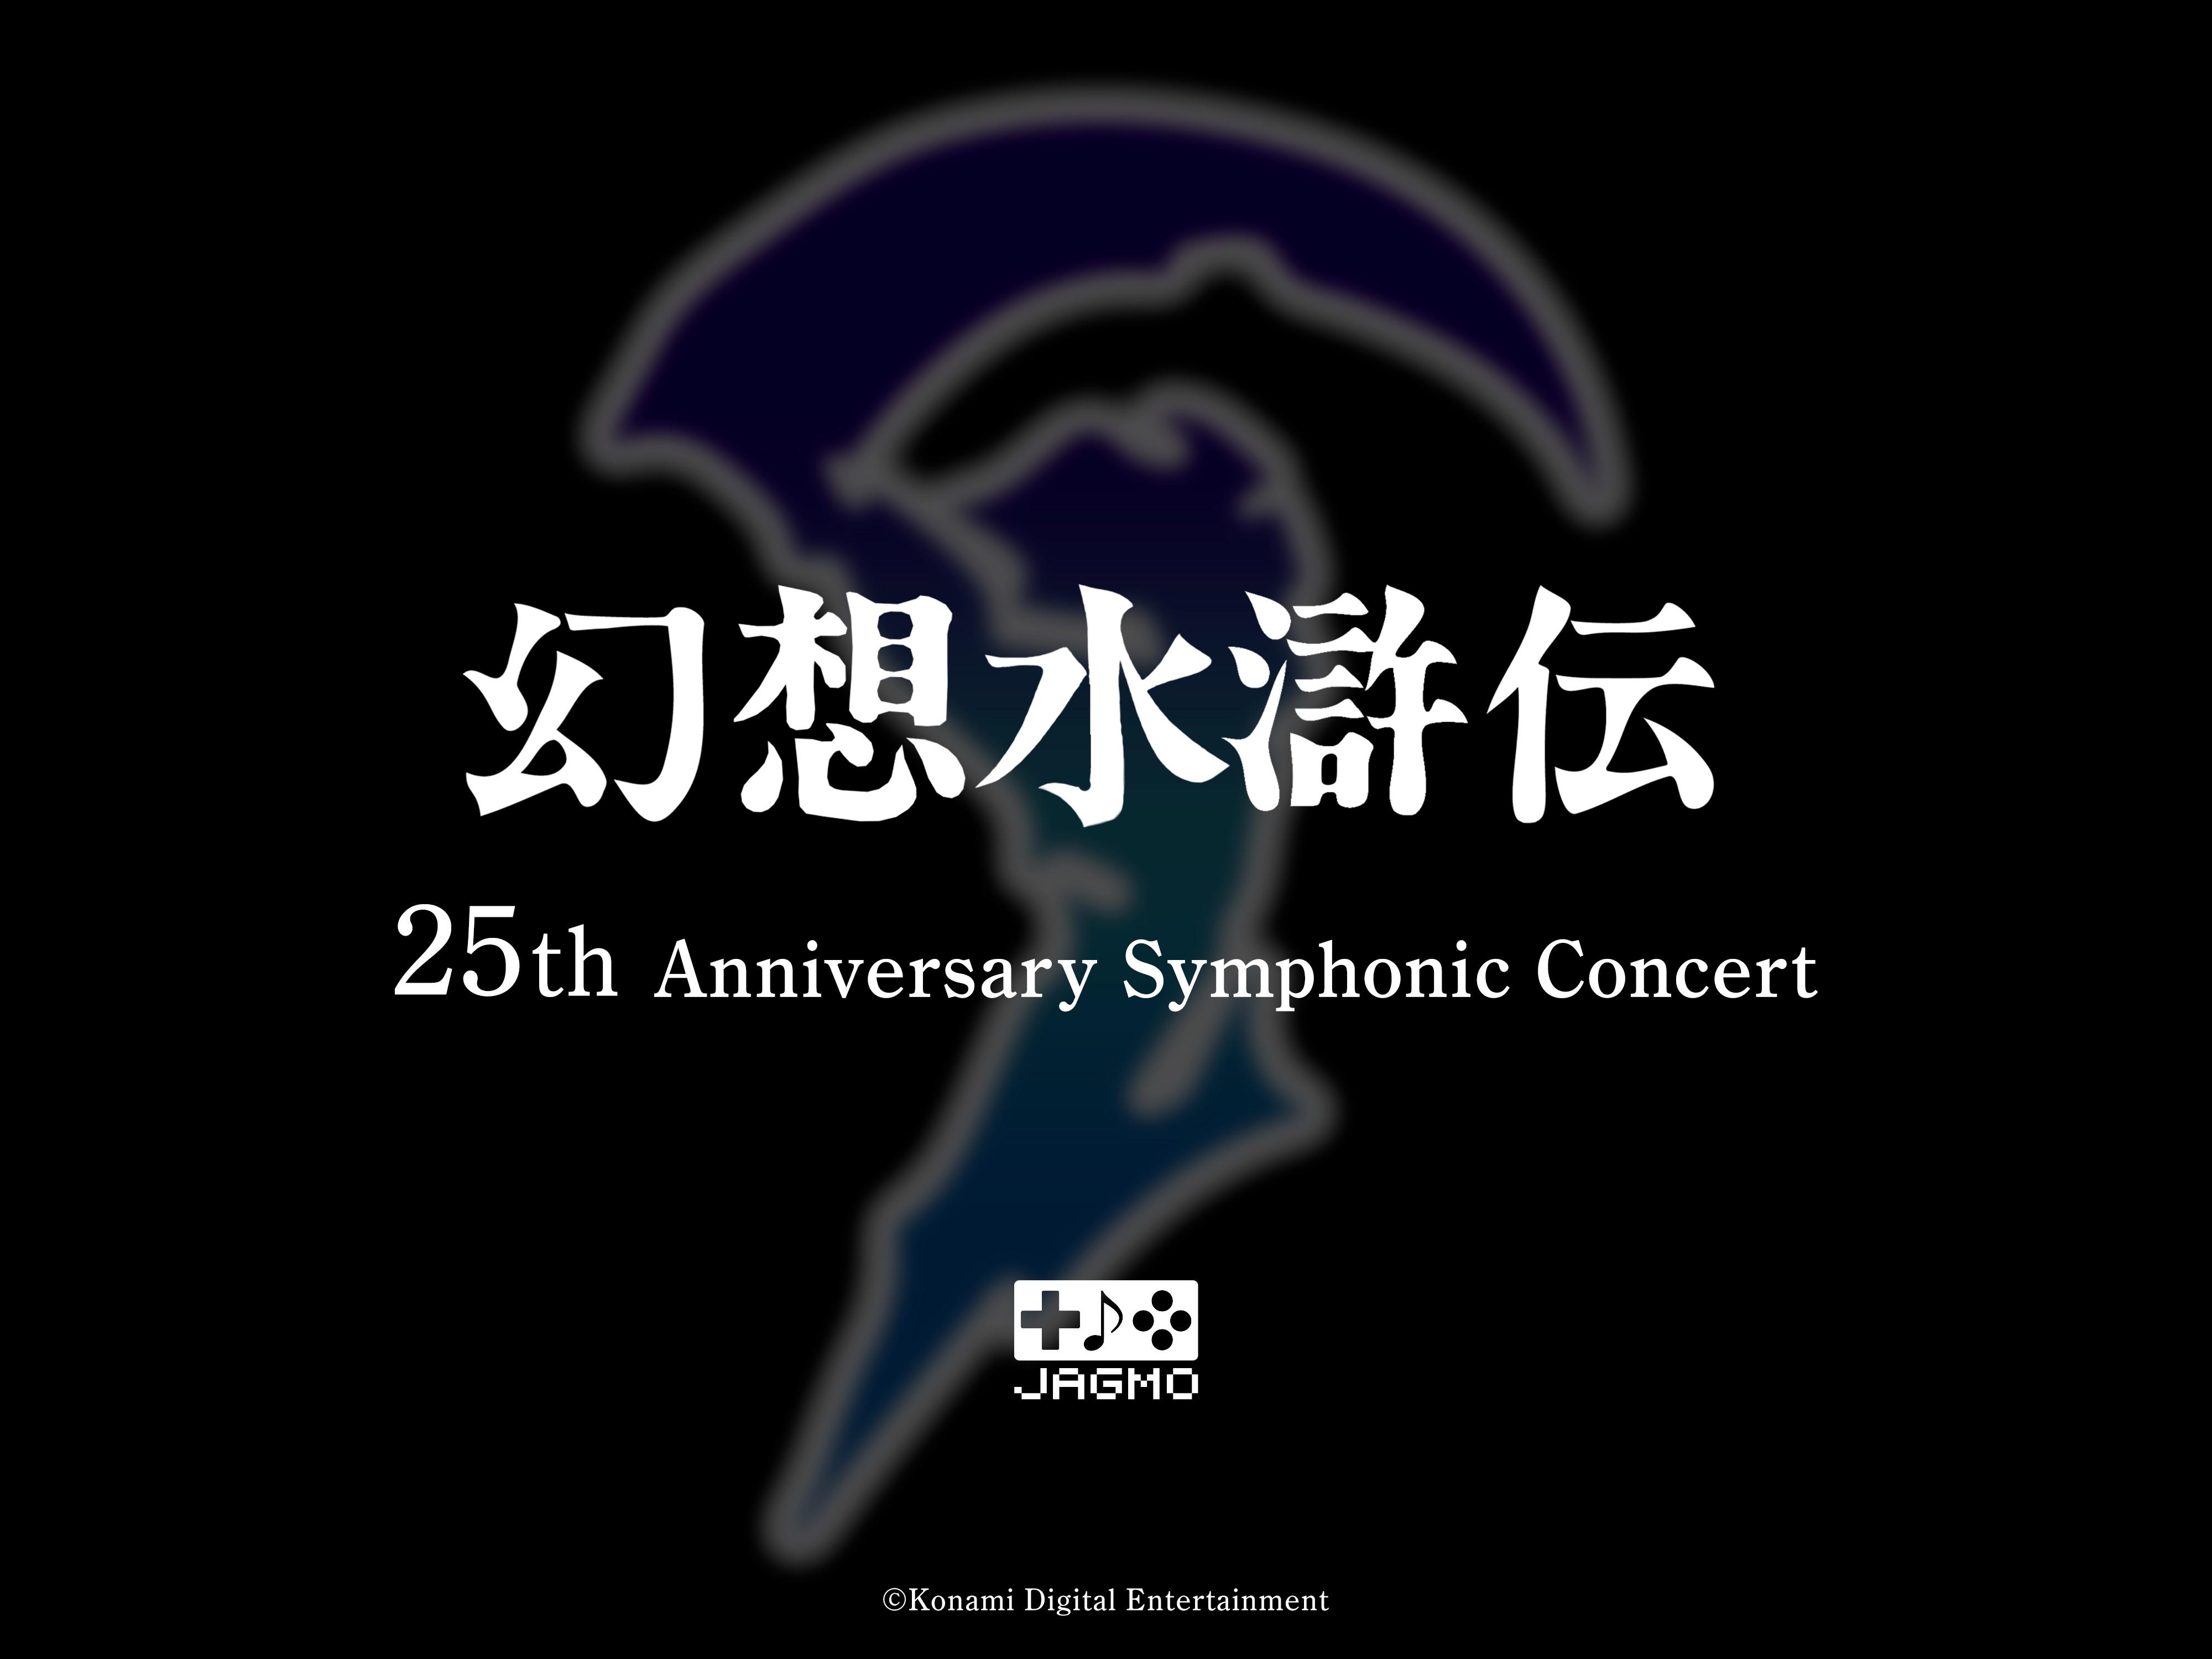 幻想水滸伝 25th Anniversary Symphonic Concert Online -Chamber Orchestra of Suikoden- | 演奏:JAGMO ピアノ:和仁将平